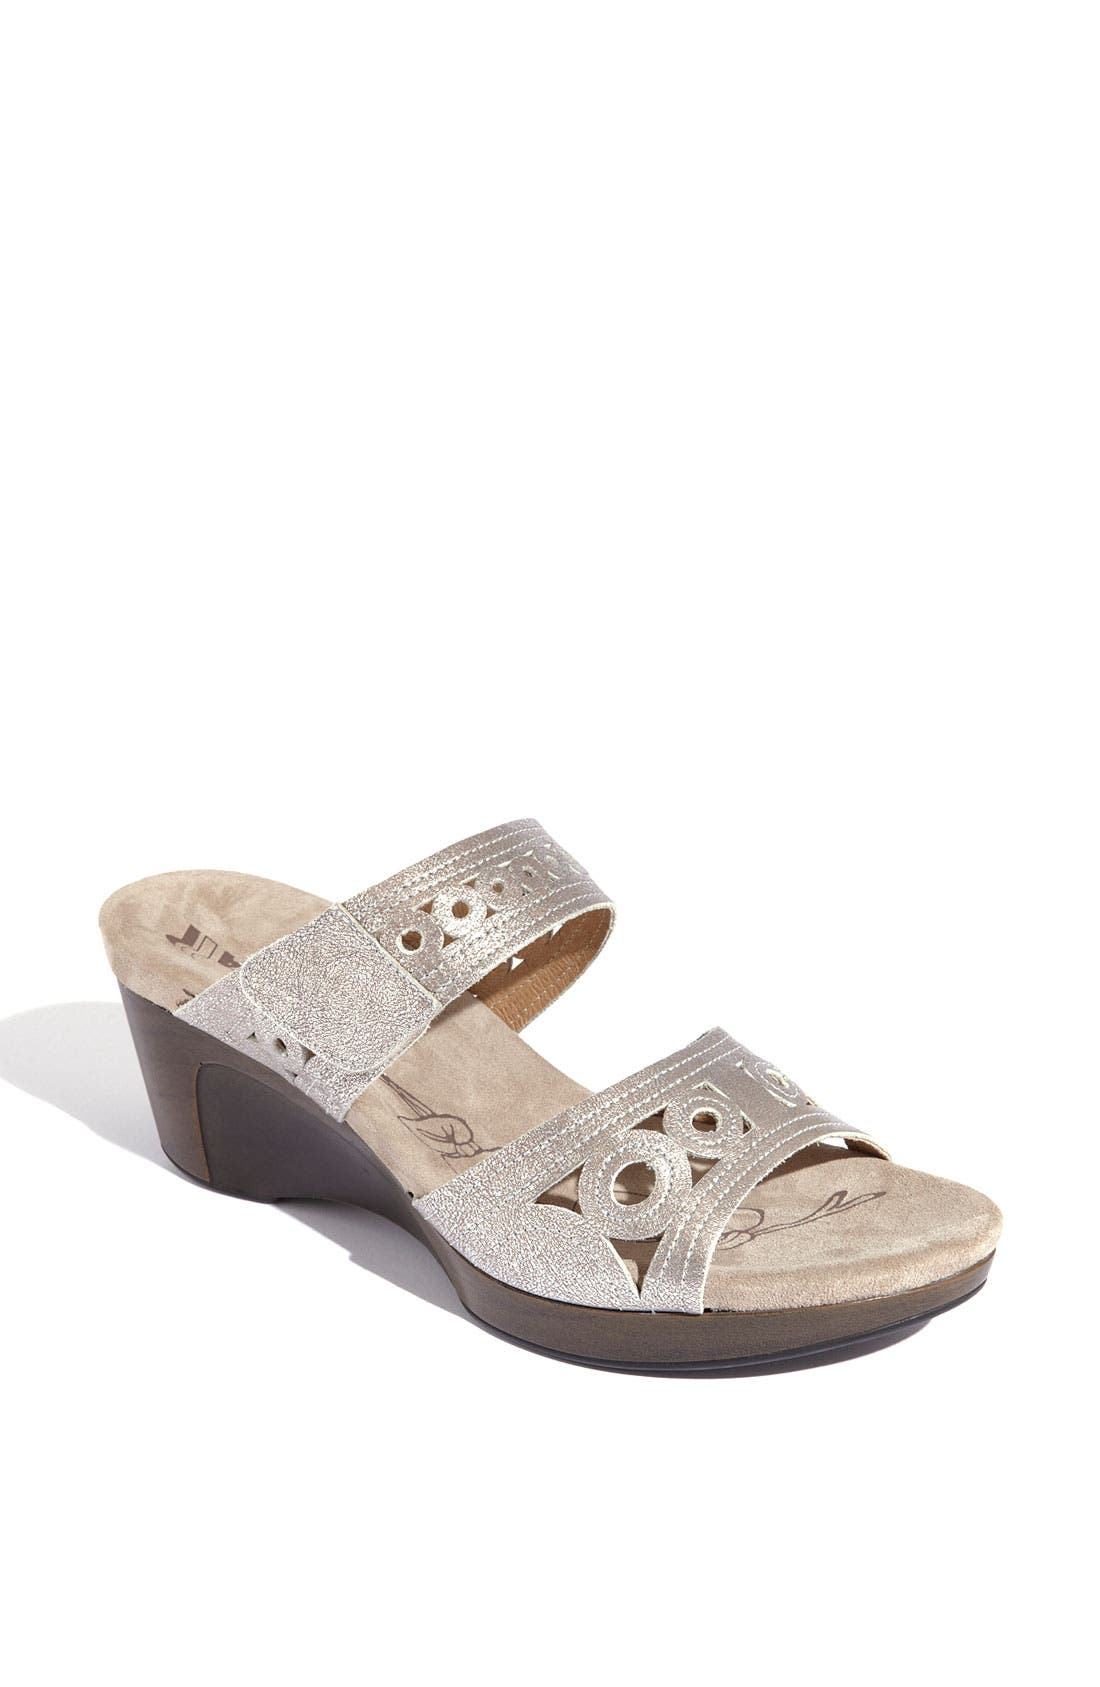 Alternate Image 1 Selected - Romika® 'Waikiki 16' Sandal